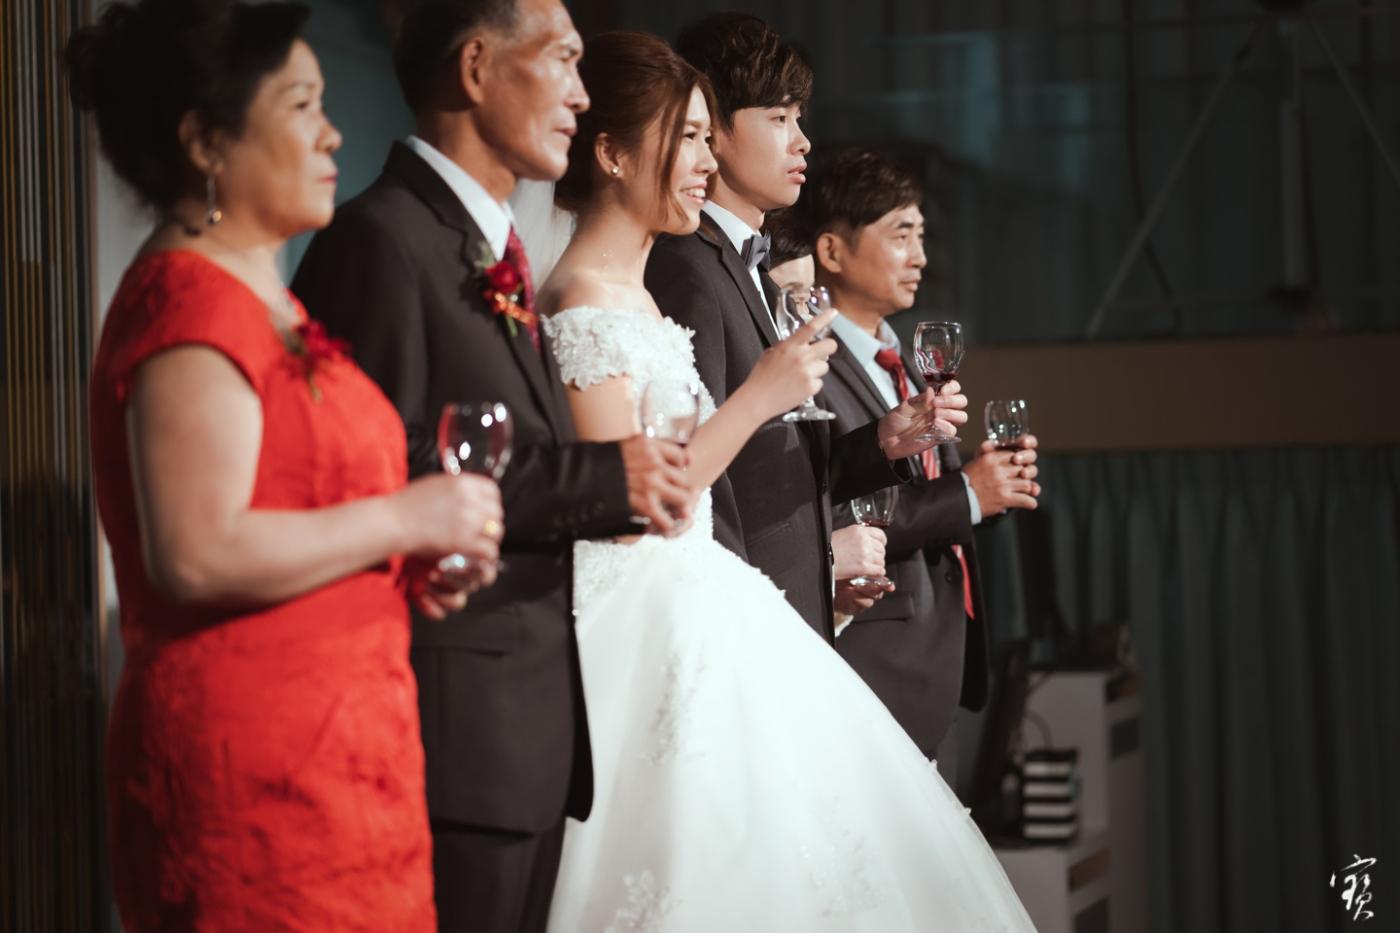 婚禮攝影 新竹彭園 冬伴影像 攝影師大寶 婚紗攝影 新娘新郎 早儀午宴20181125-349